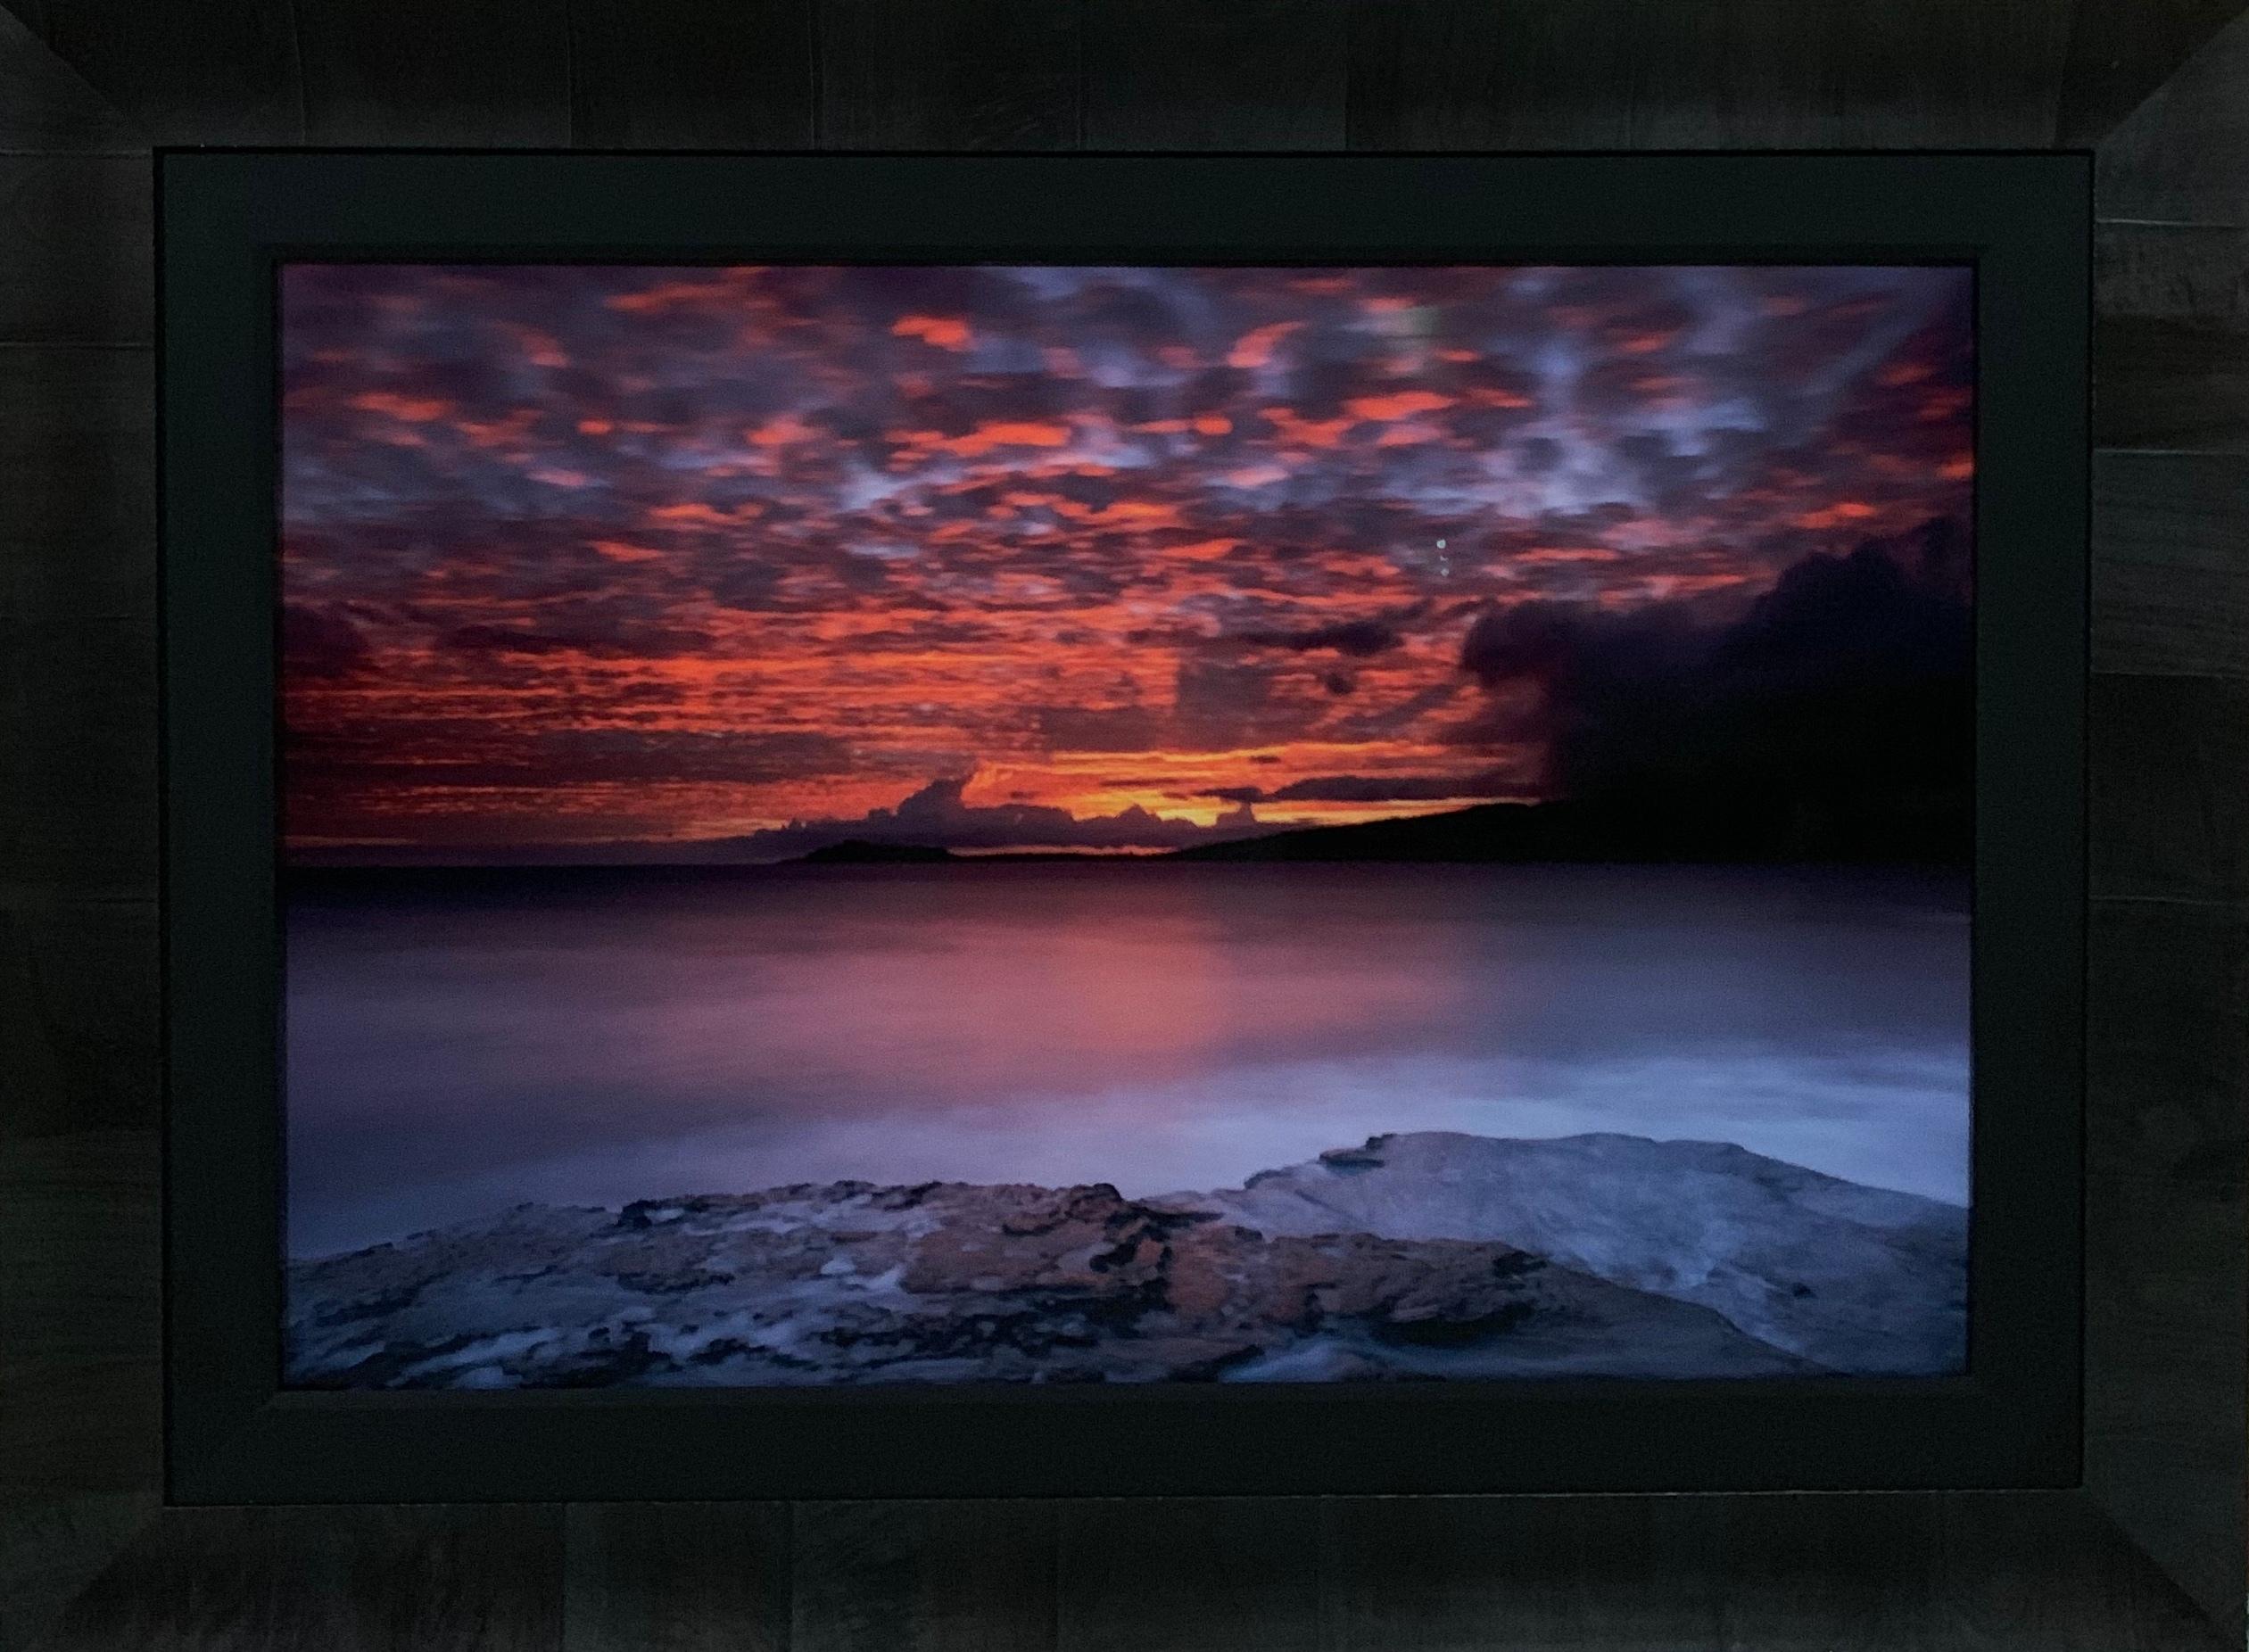 Framed oahu epsqbf